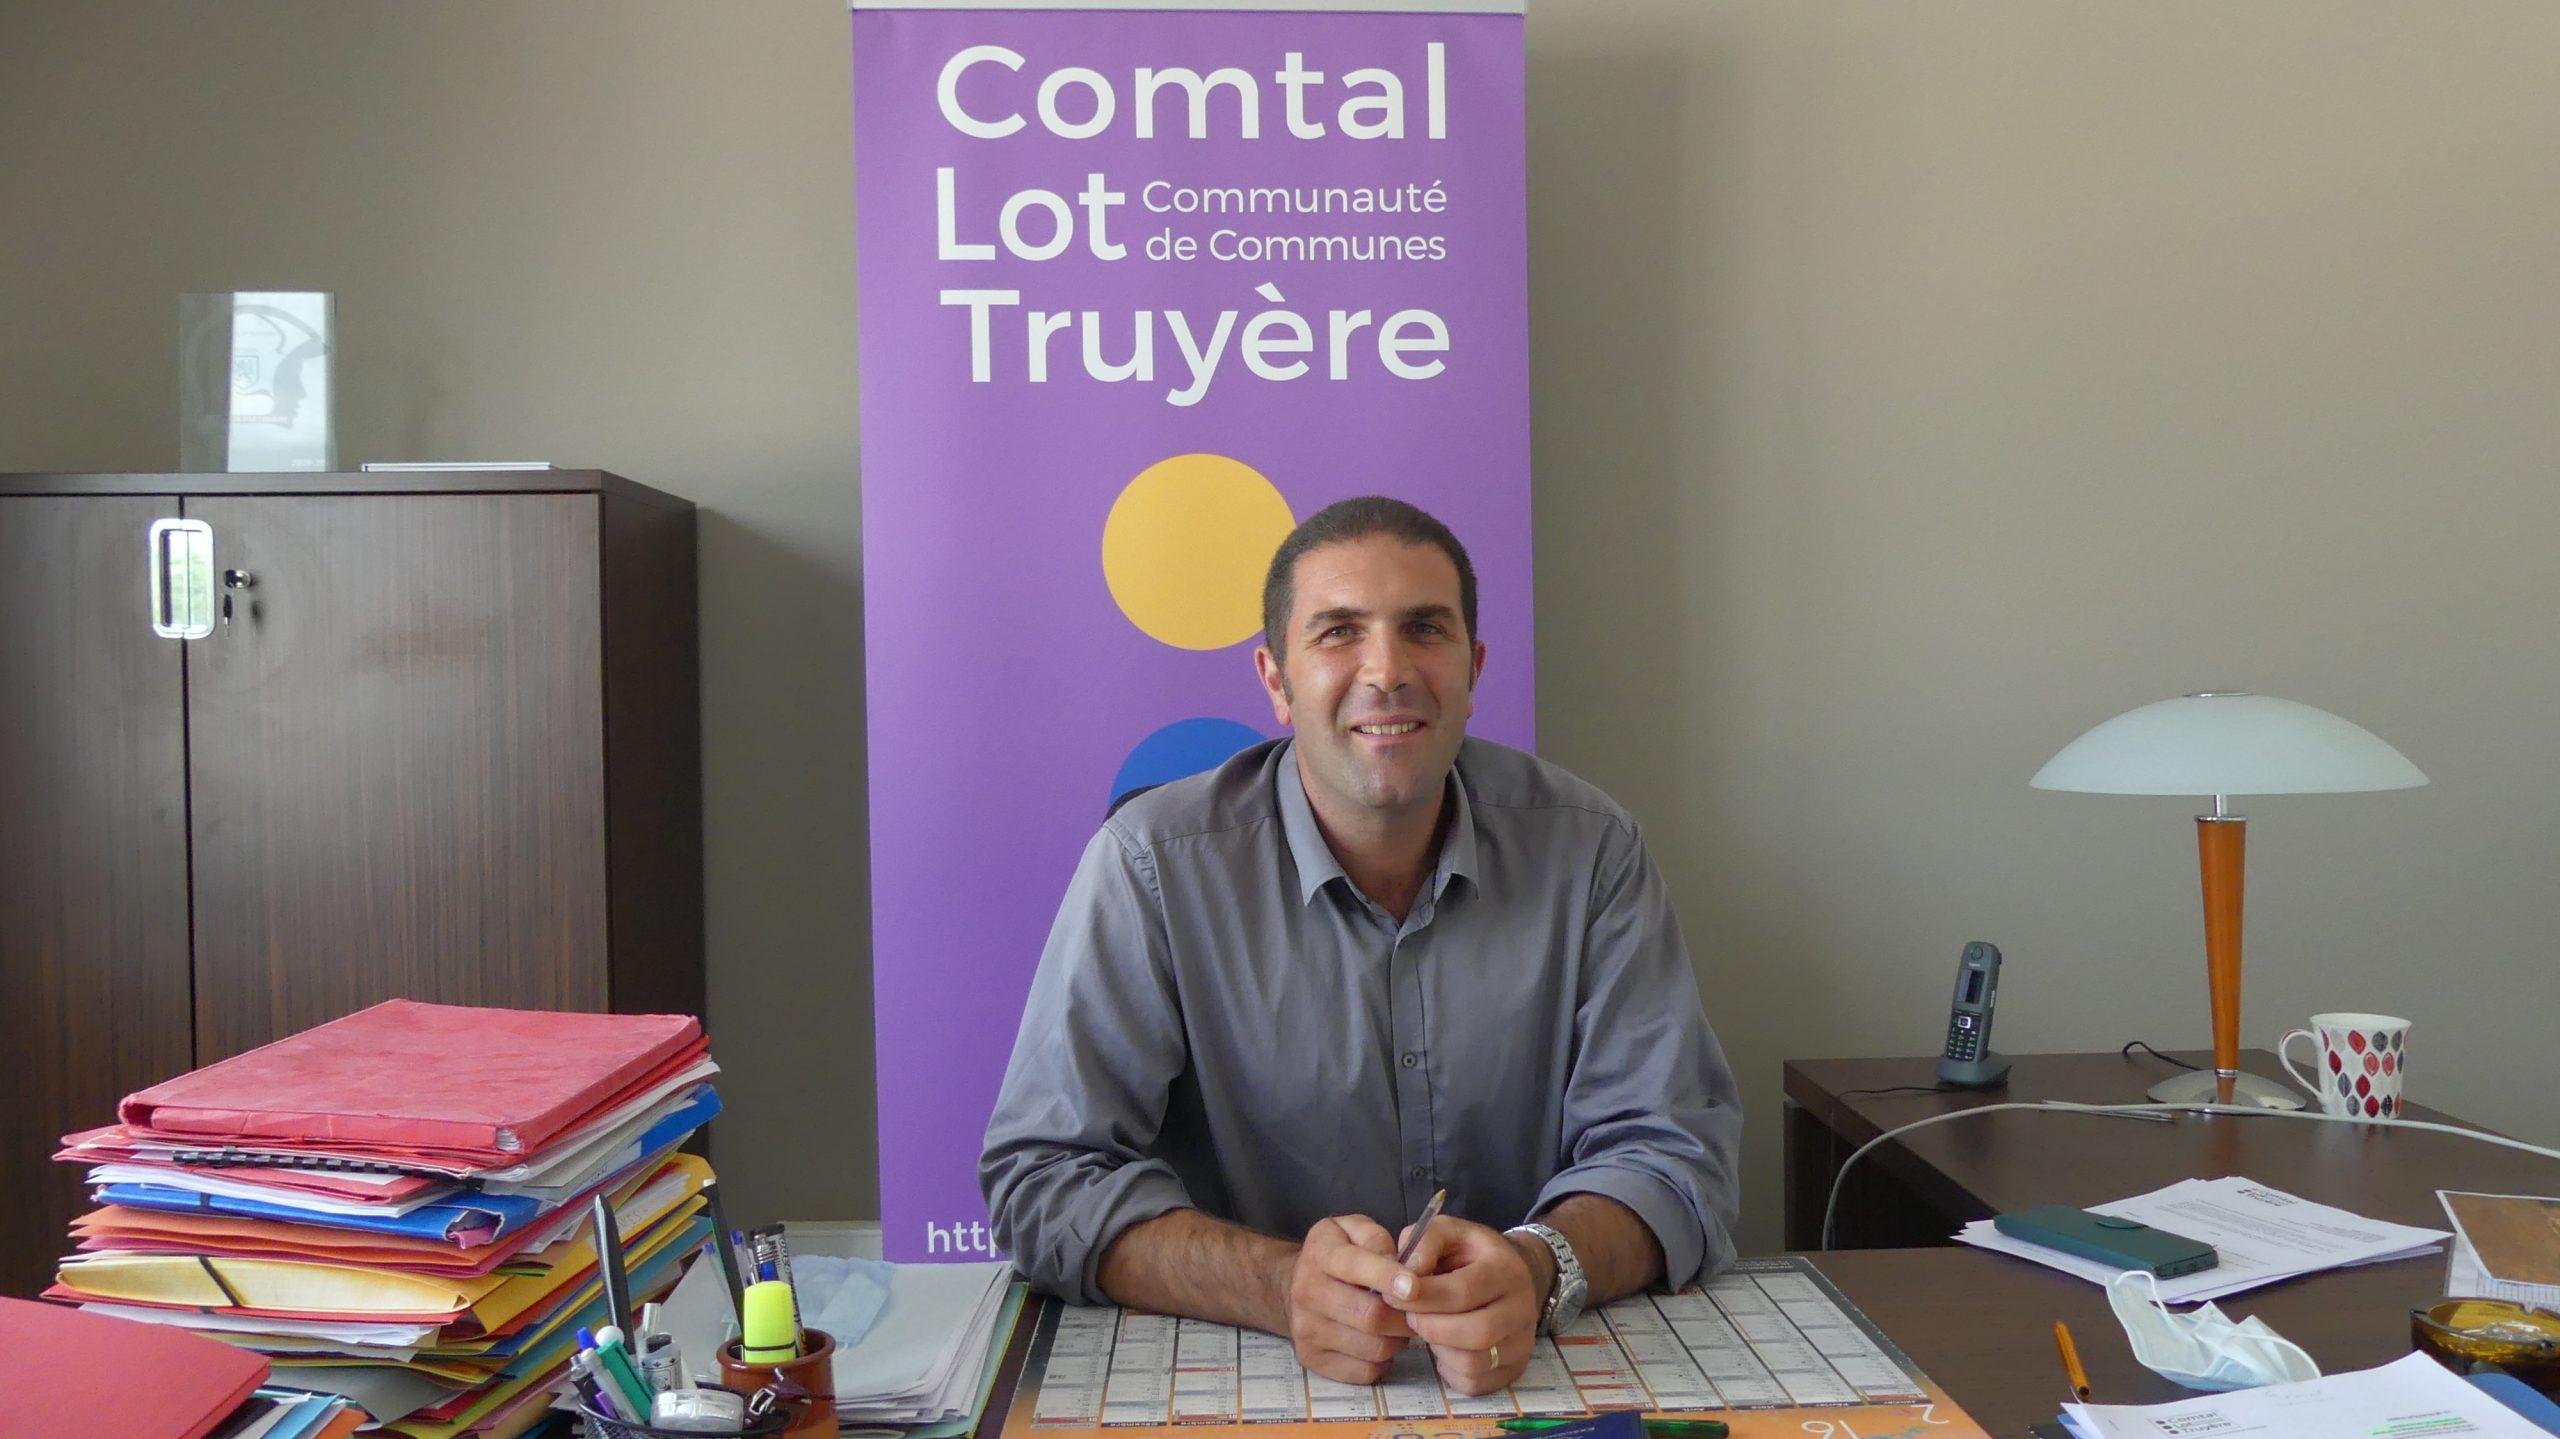 Nicolas Bessiere Président de la Communauté de Communes Comtal Lot Truyère